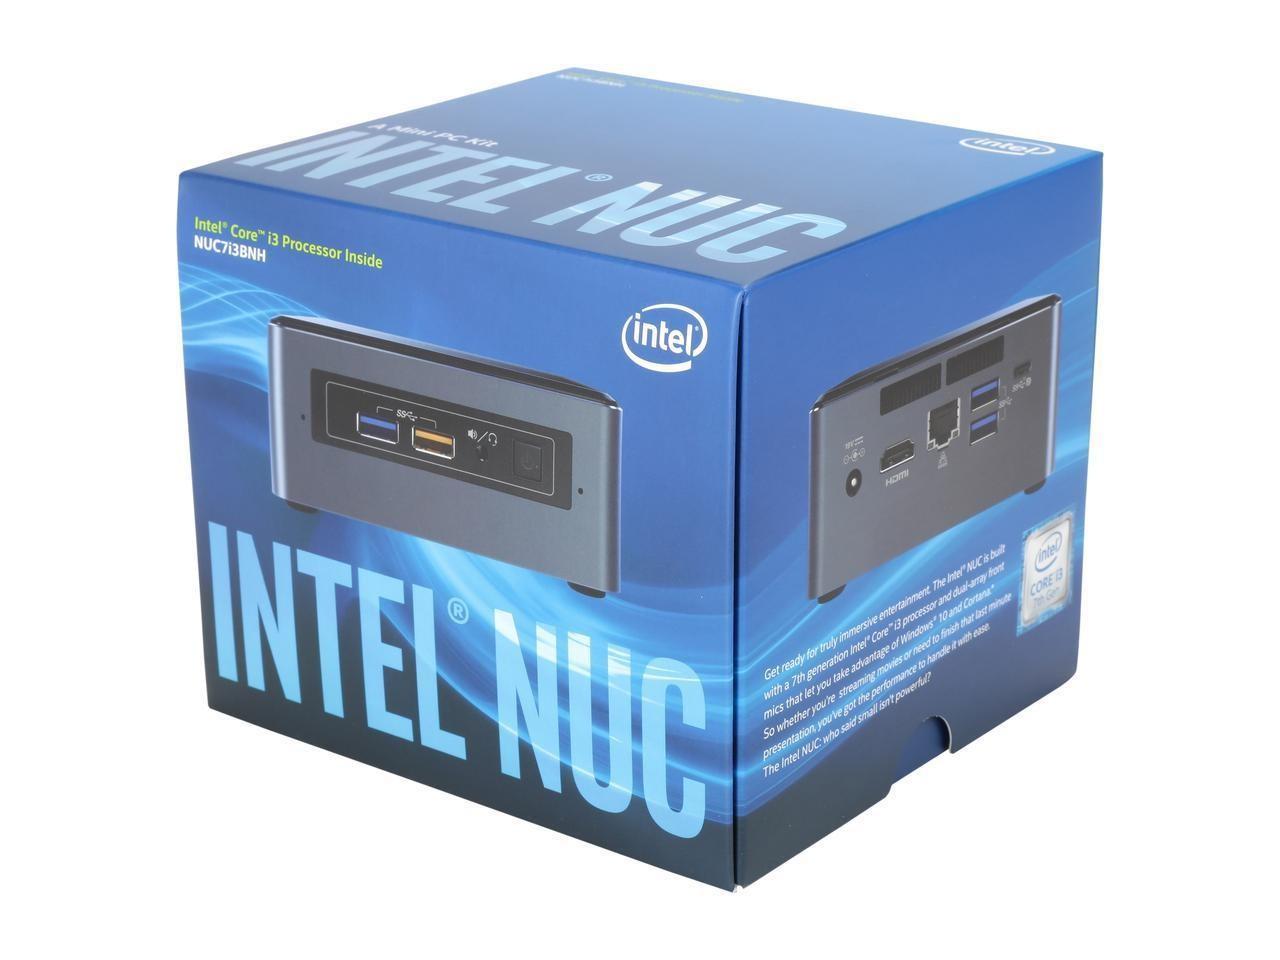 PC Intel NUC Kit NUC7I3BNH Baby Canyon (Core I3-7100U)